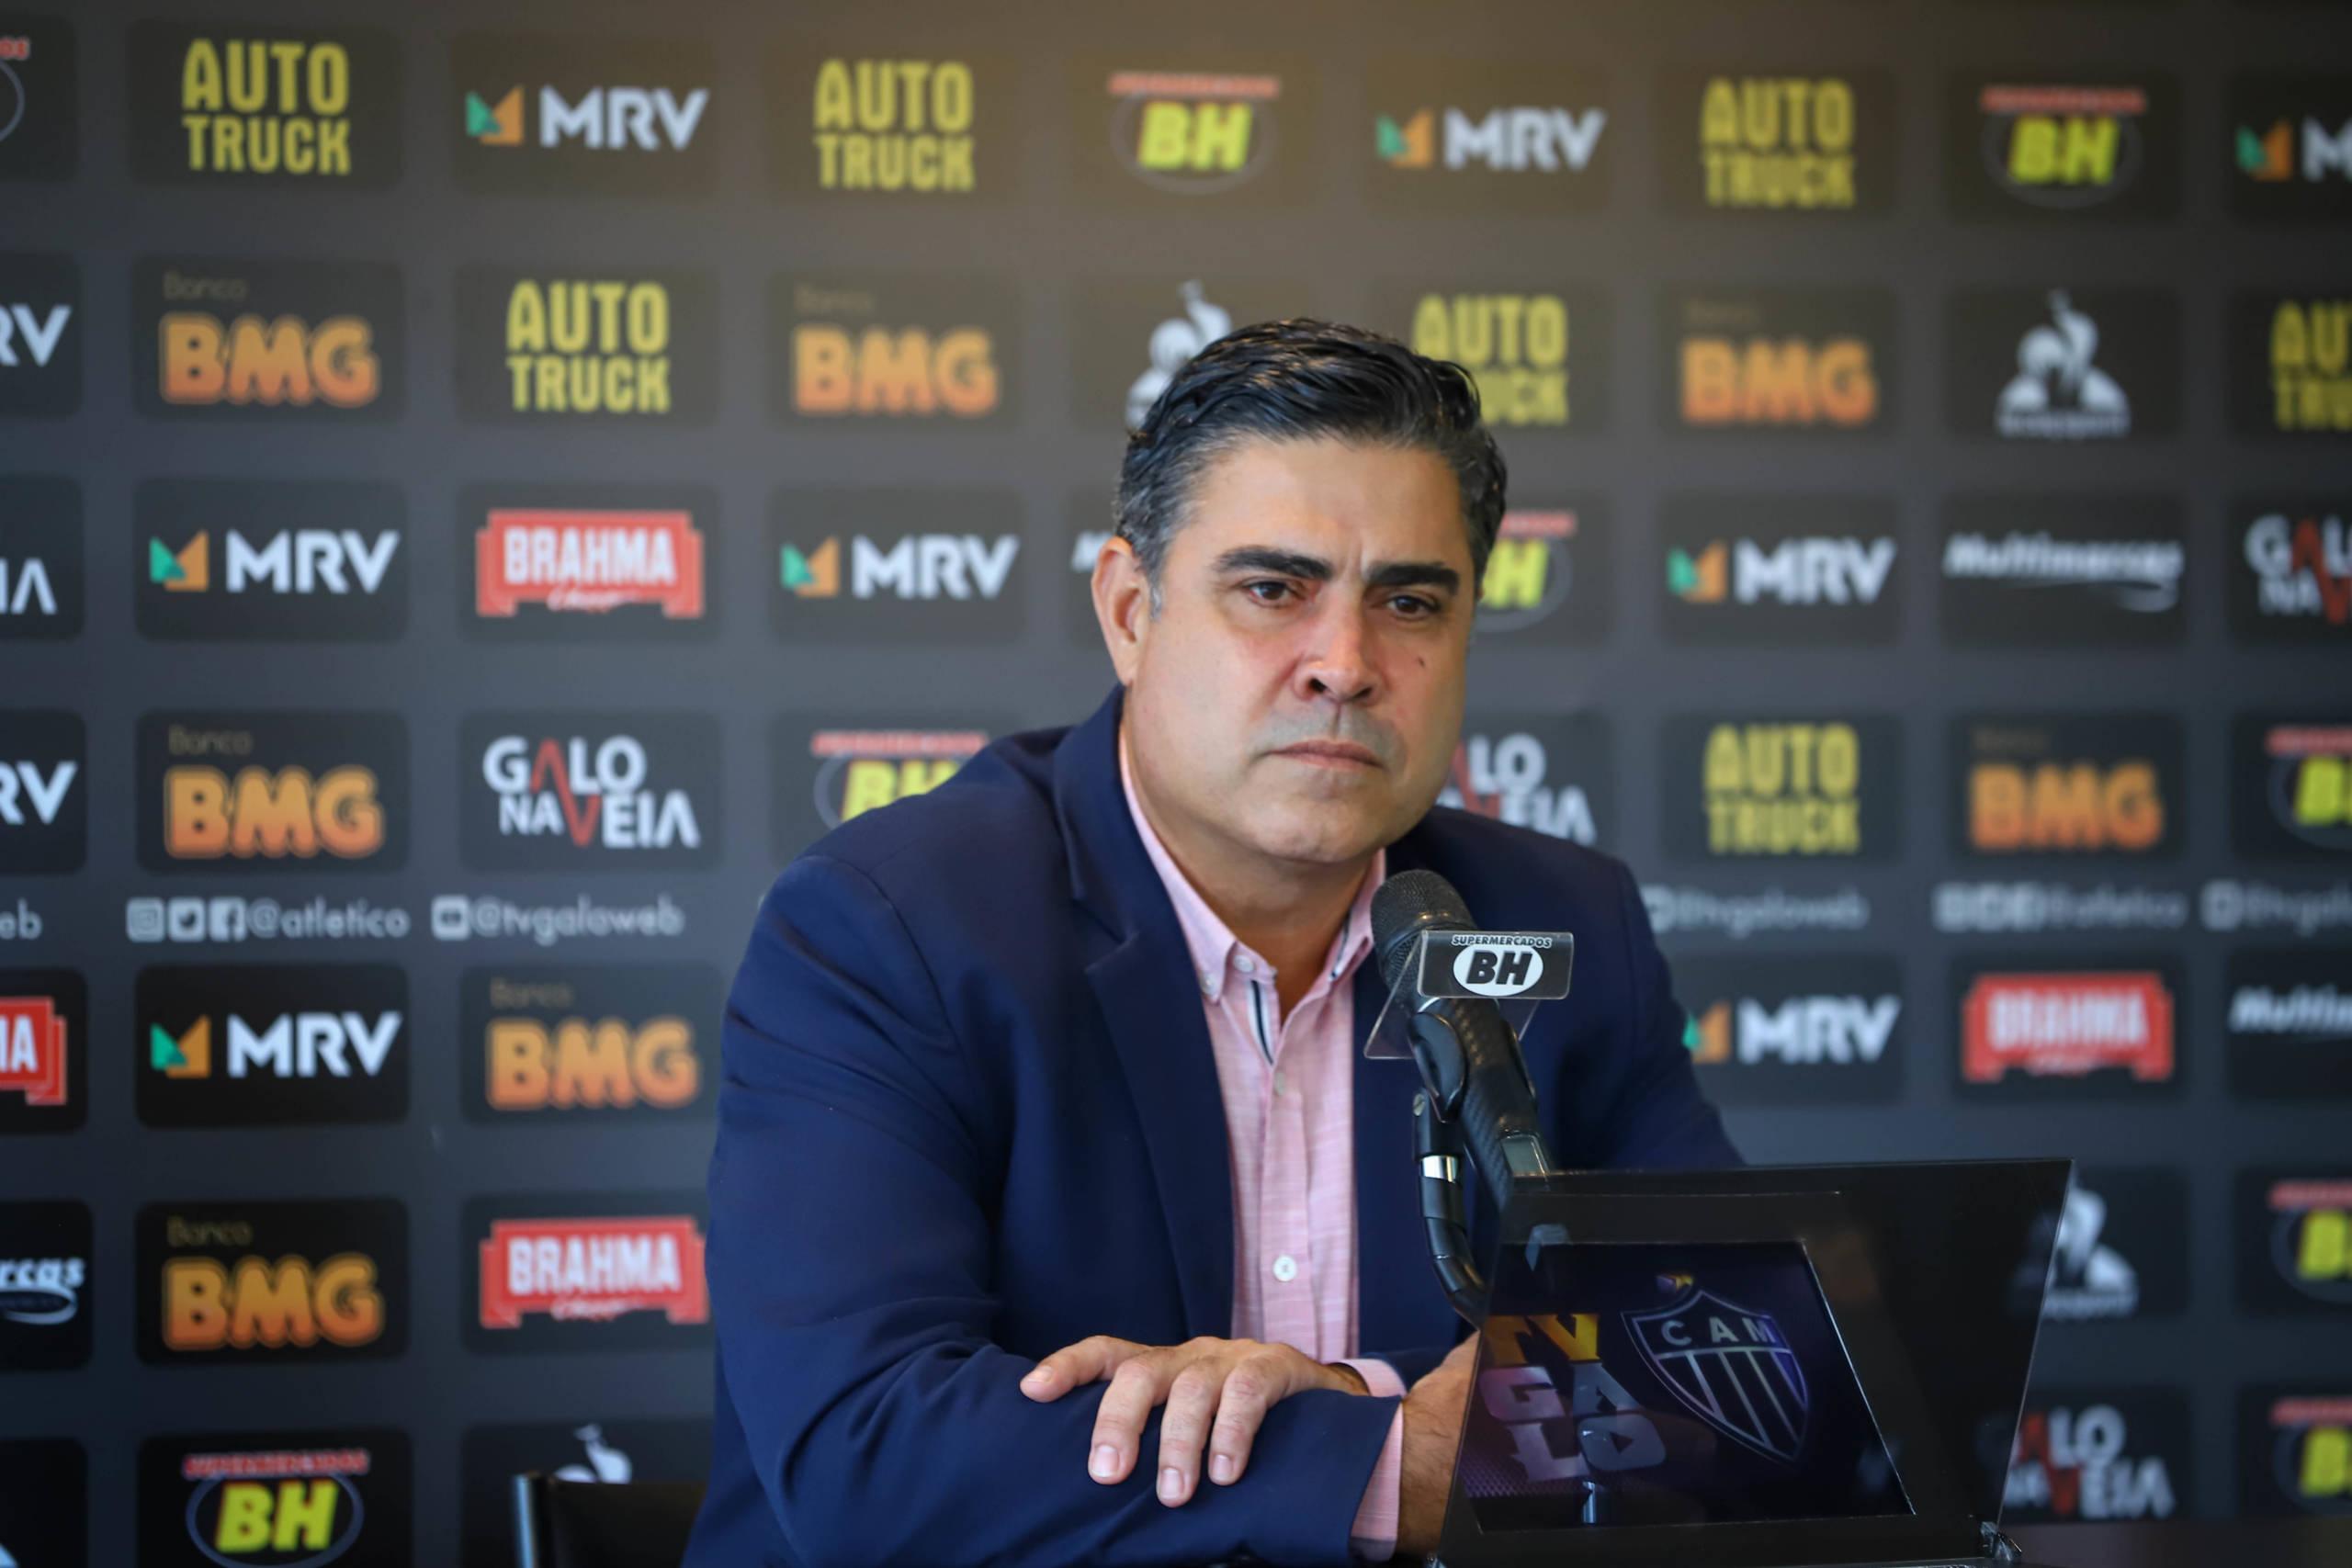 Sette Câmara pede desculpas e afirma que Atlético não vai